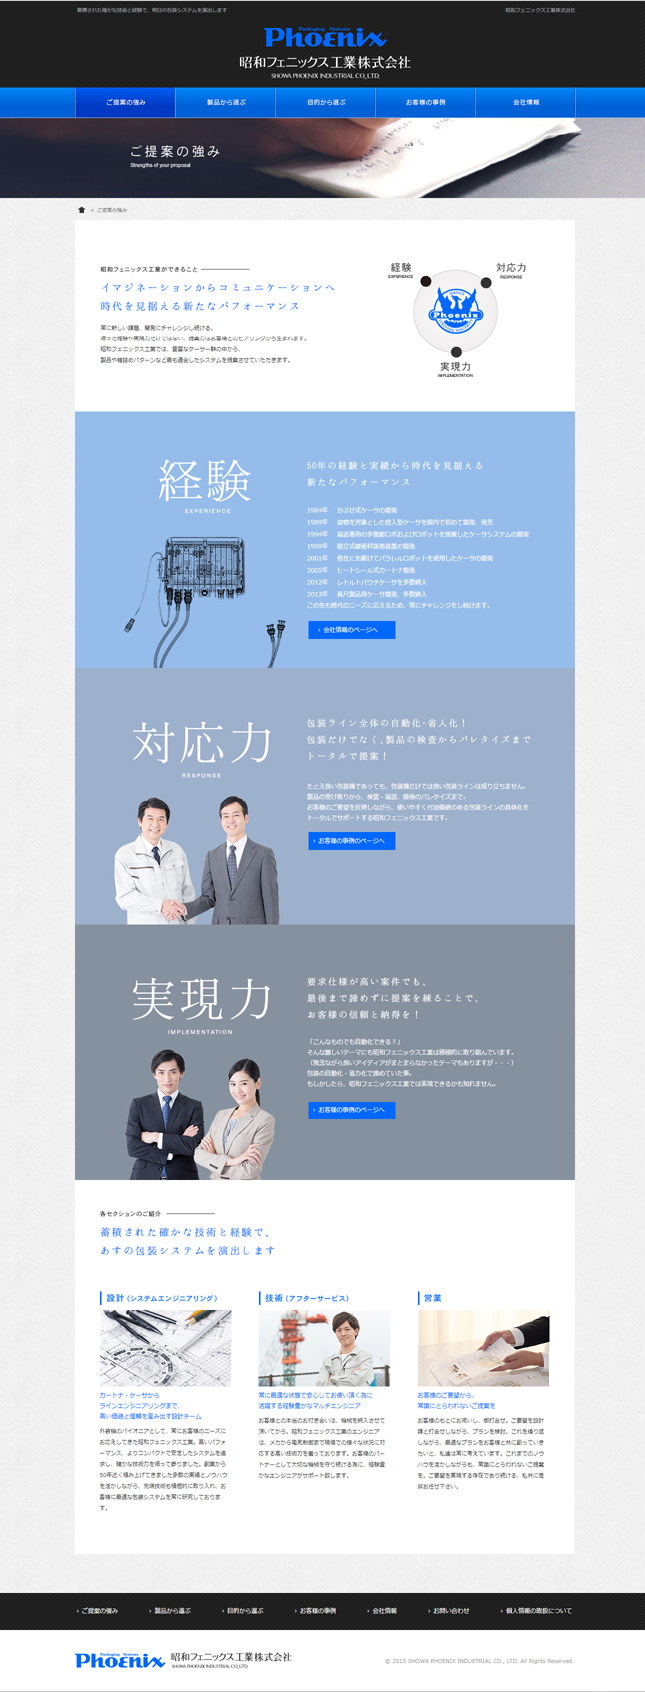 機械メーカー・製造業・ウェブサイトデザイン実績1p